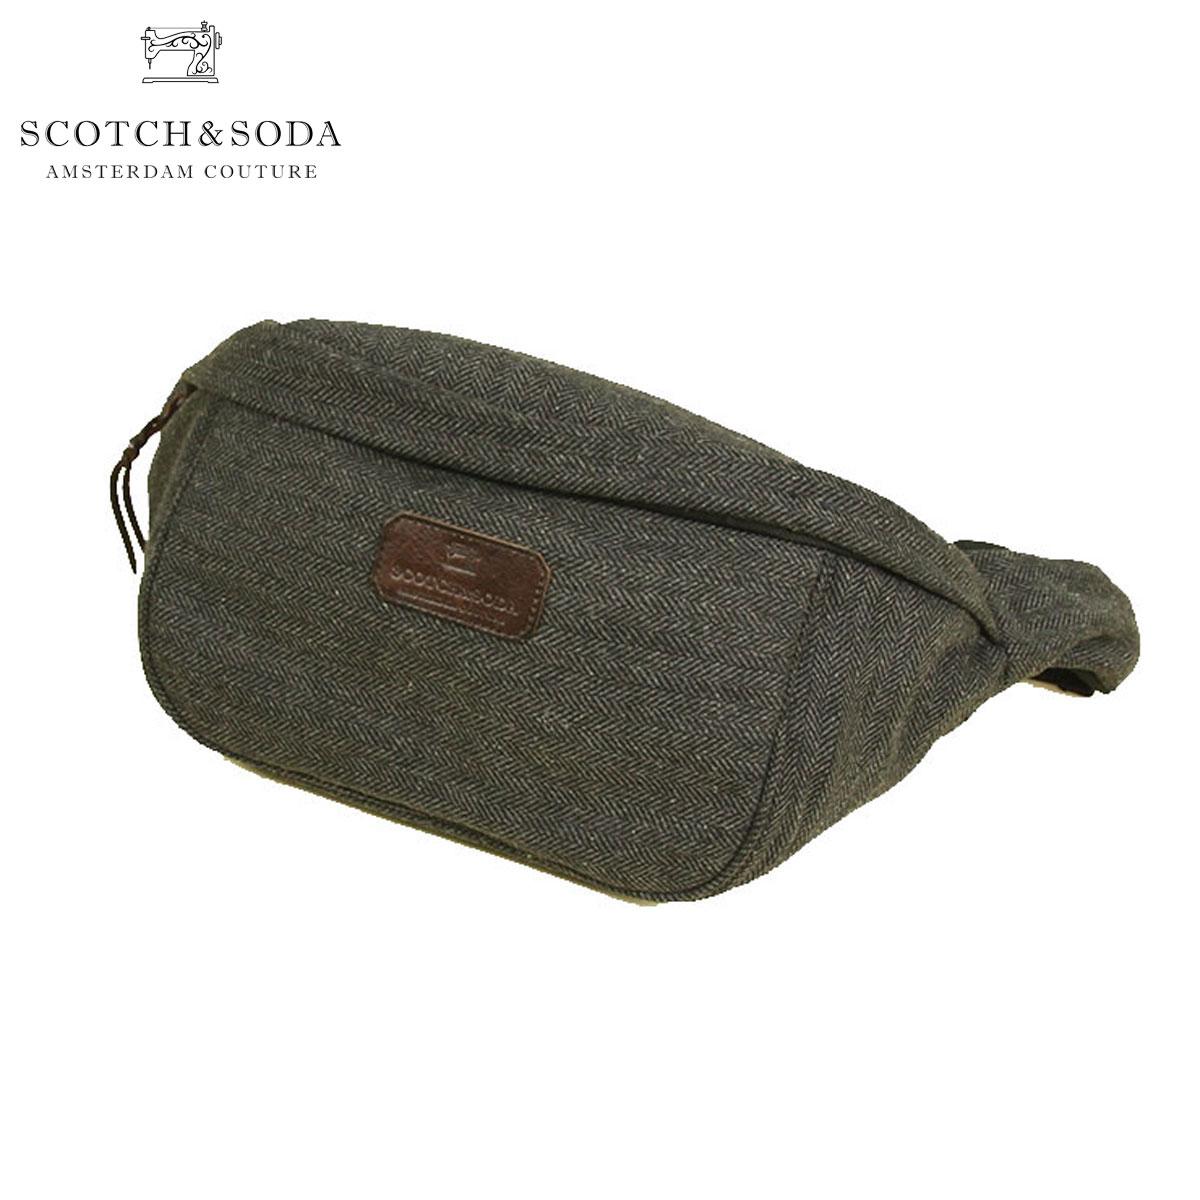 スコッチアンドソーダ SCOTCH&SODA 正規販売店 バッグ Bumbag in wool quality with herringbone pattern 101835 17 D00S20